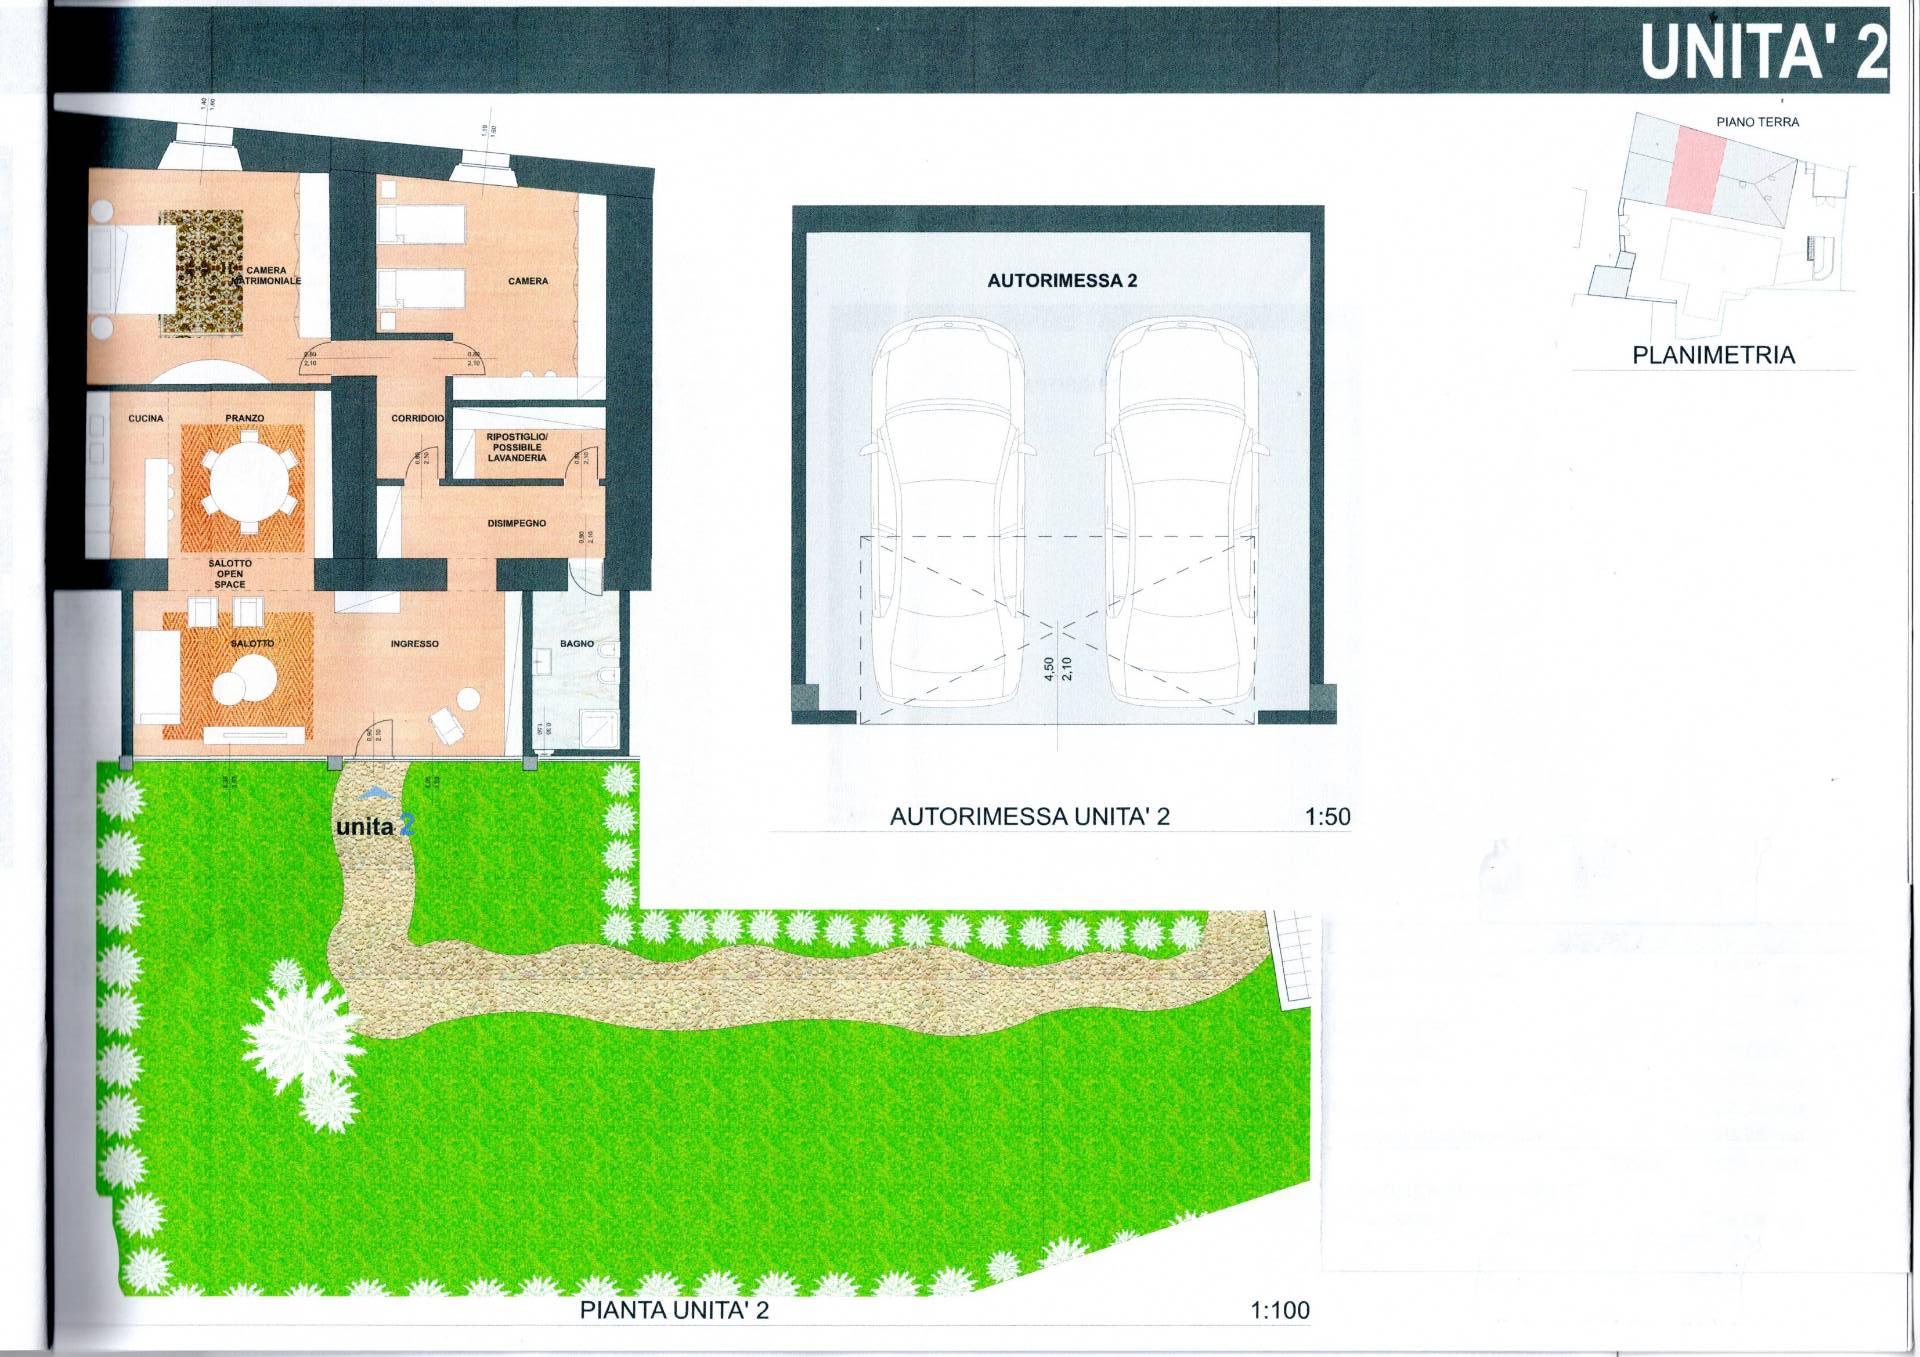 Appartamento in vendita a Concesio, 3 locali, zona Località: SanVigilio, prezzo € 280.000 | CambioCasa.it